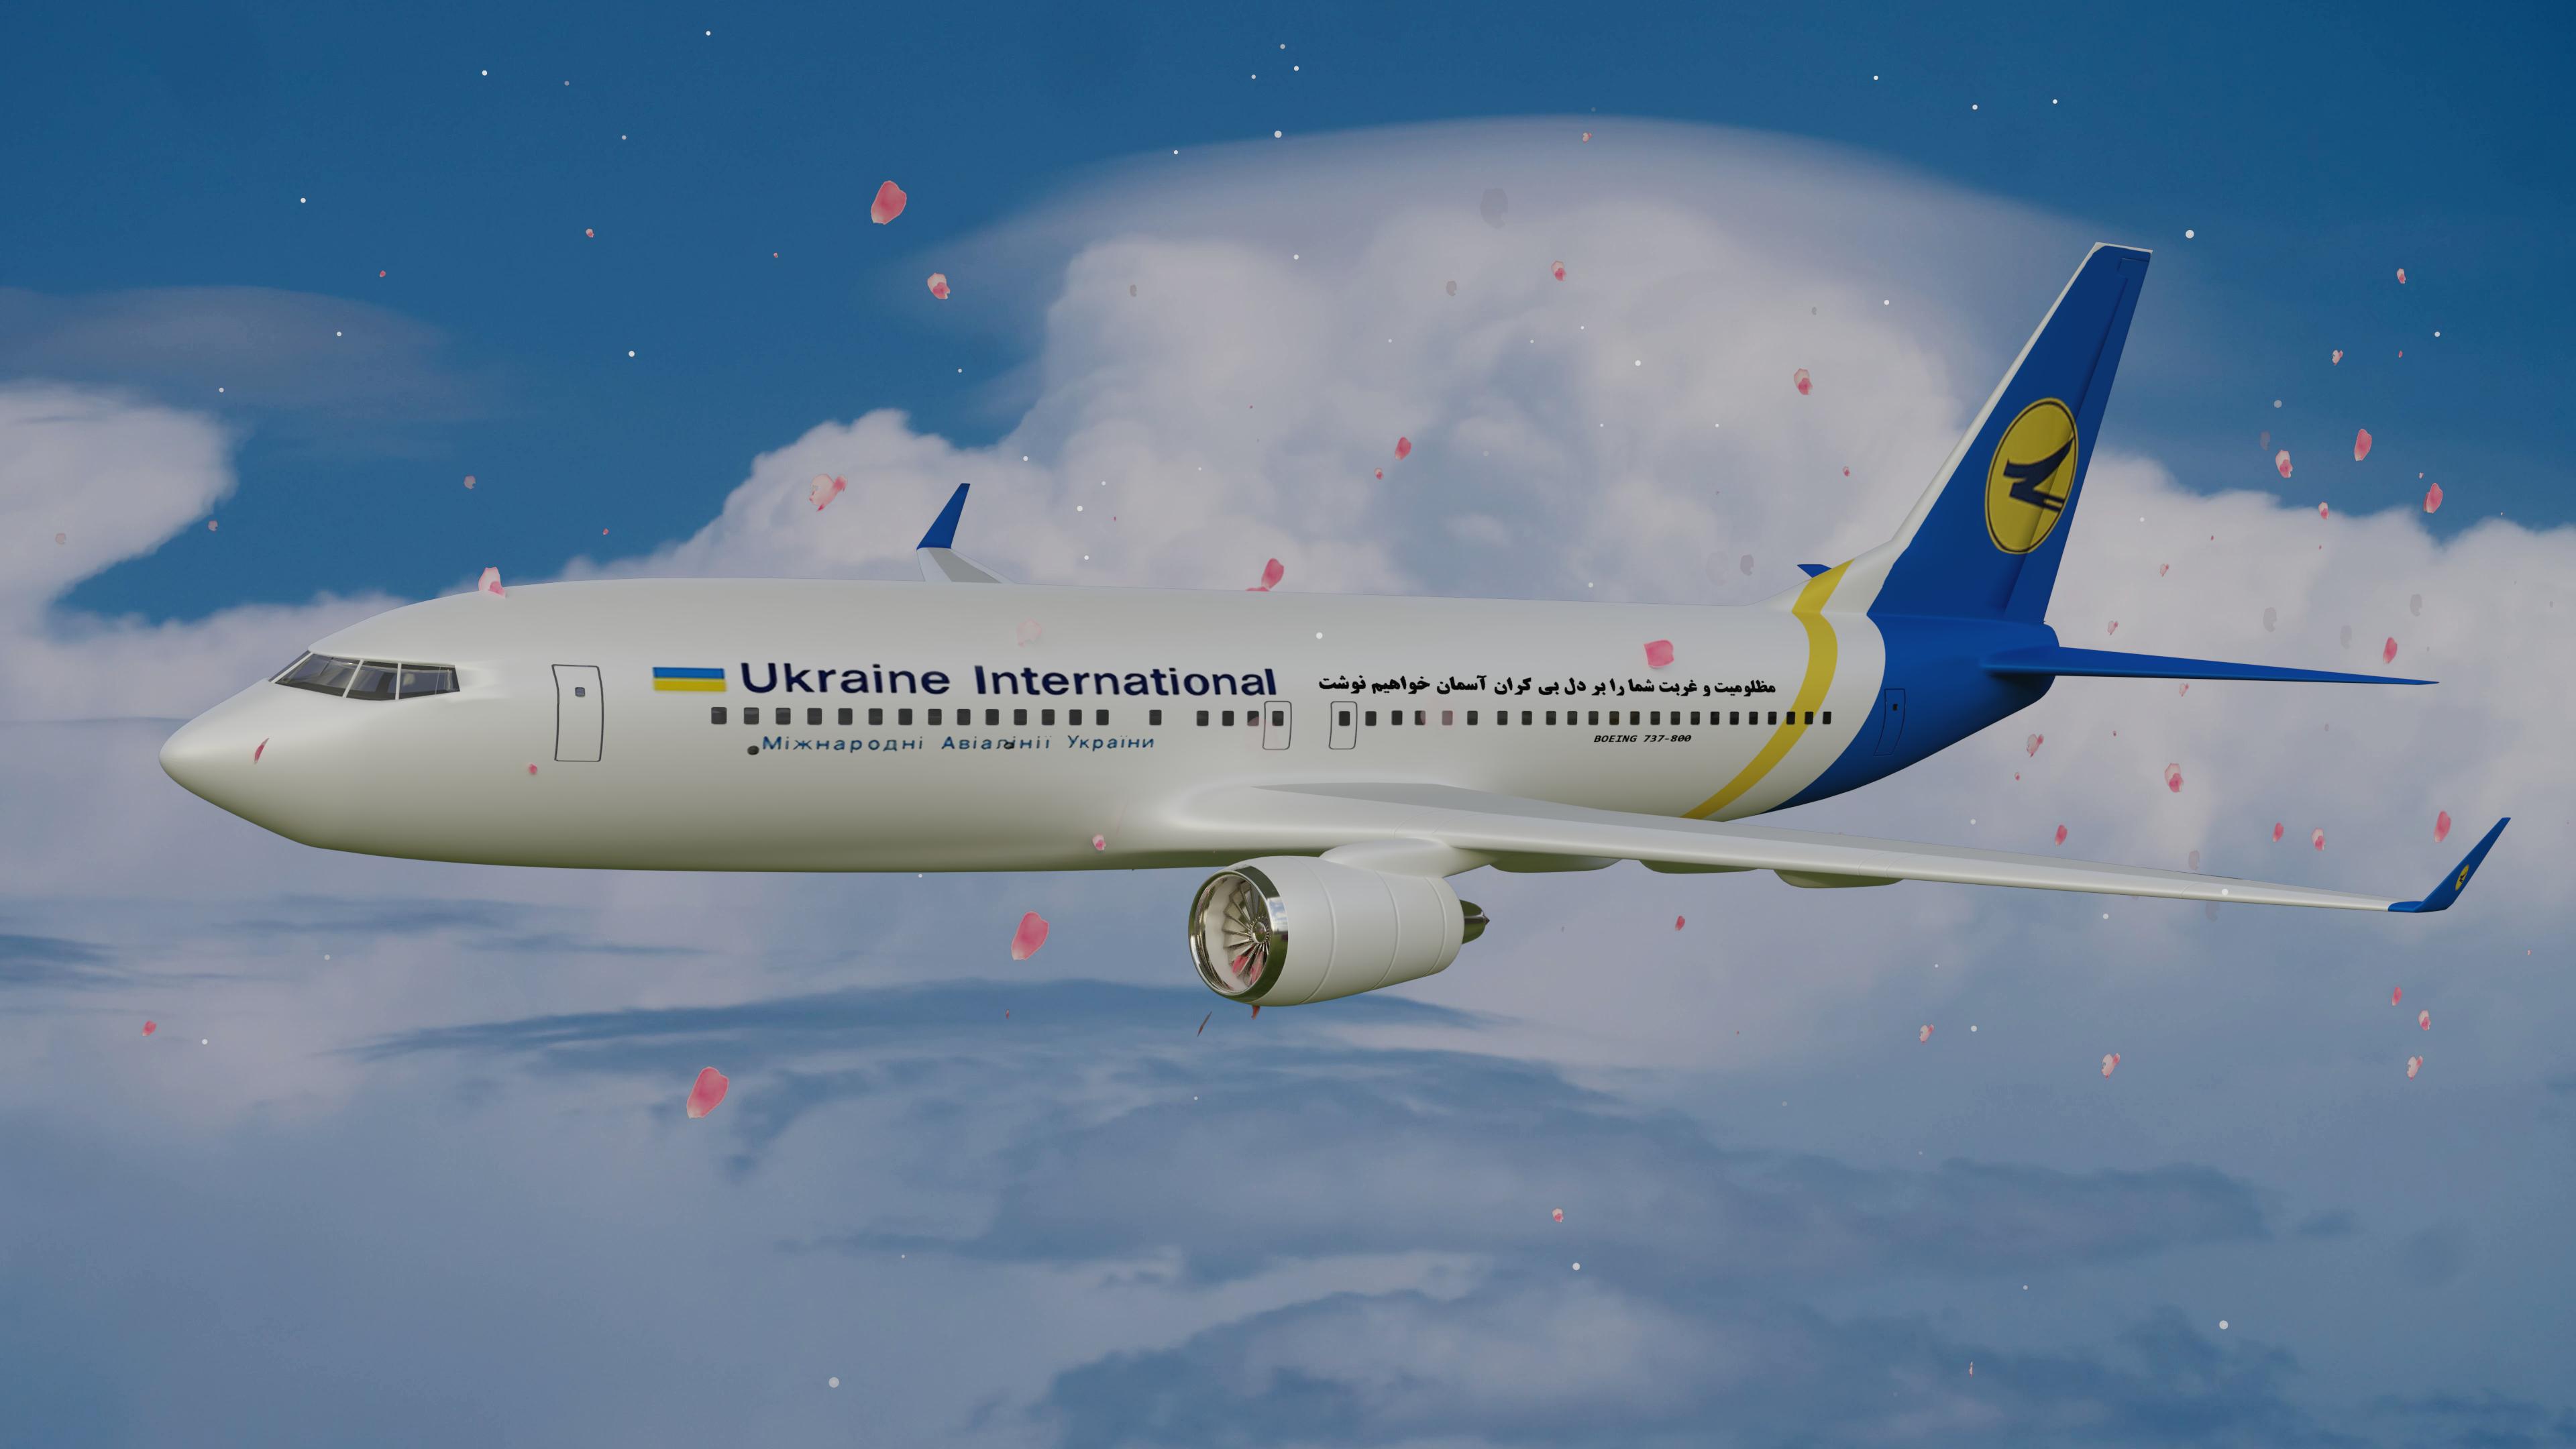 مدل سازی سه بعدی - پرواز شماره ۷۵۲ هواپیمایی بینالمللی اوکراین